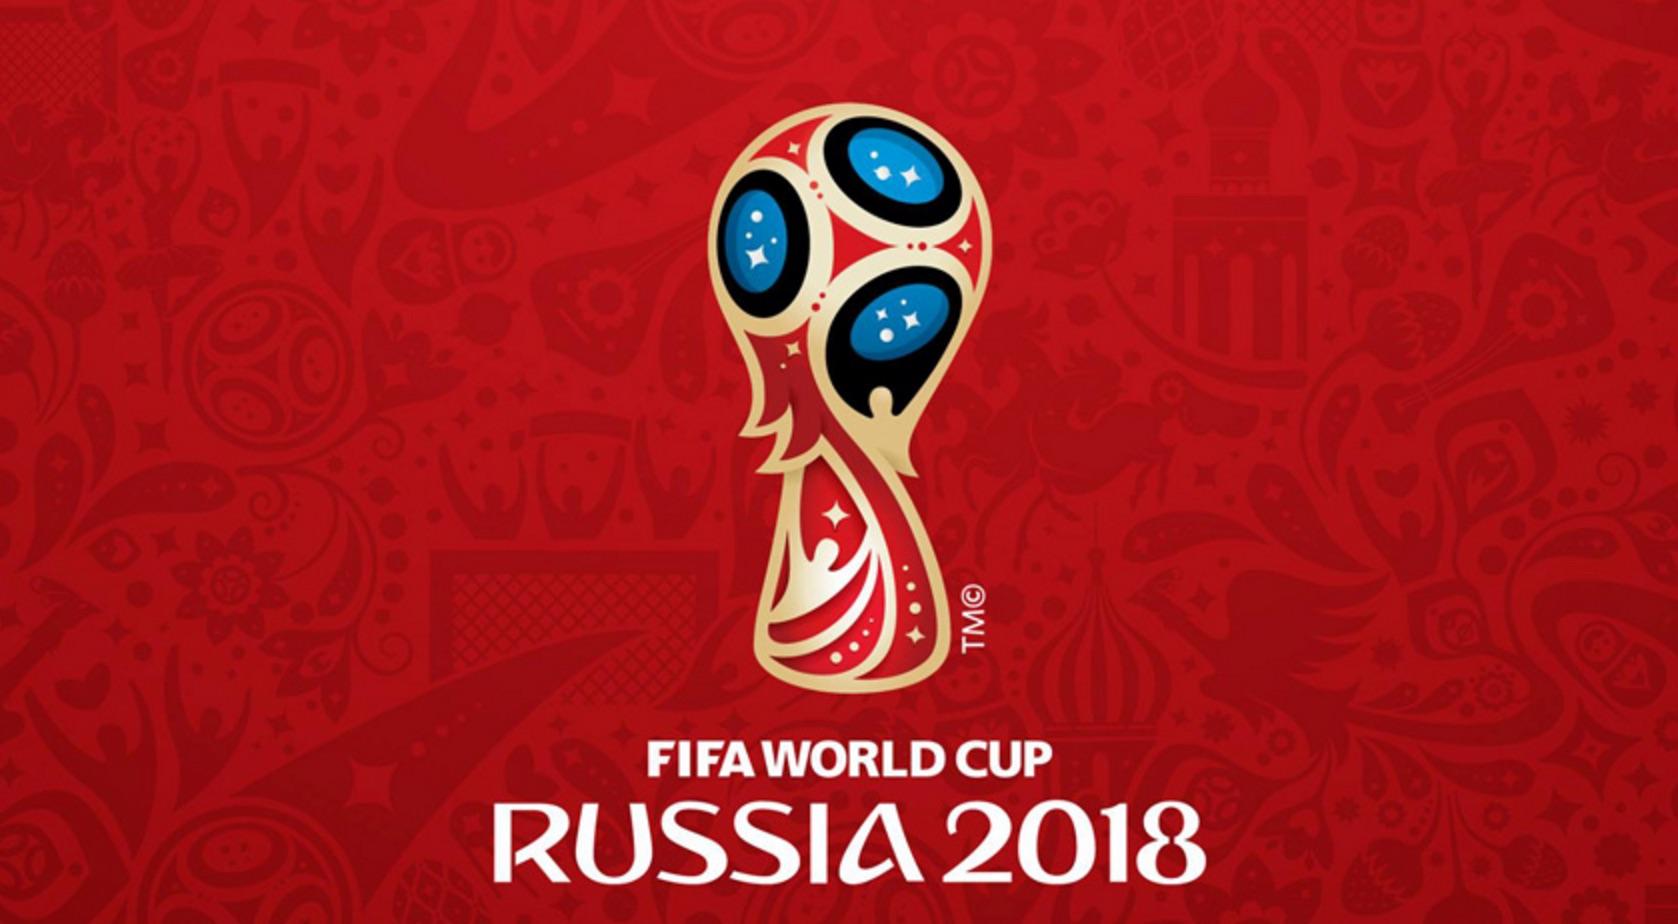 تعرف على مواعيد مباريات كأس العالم روسيا 2018 بتوقيت تونس